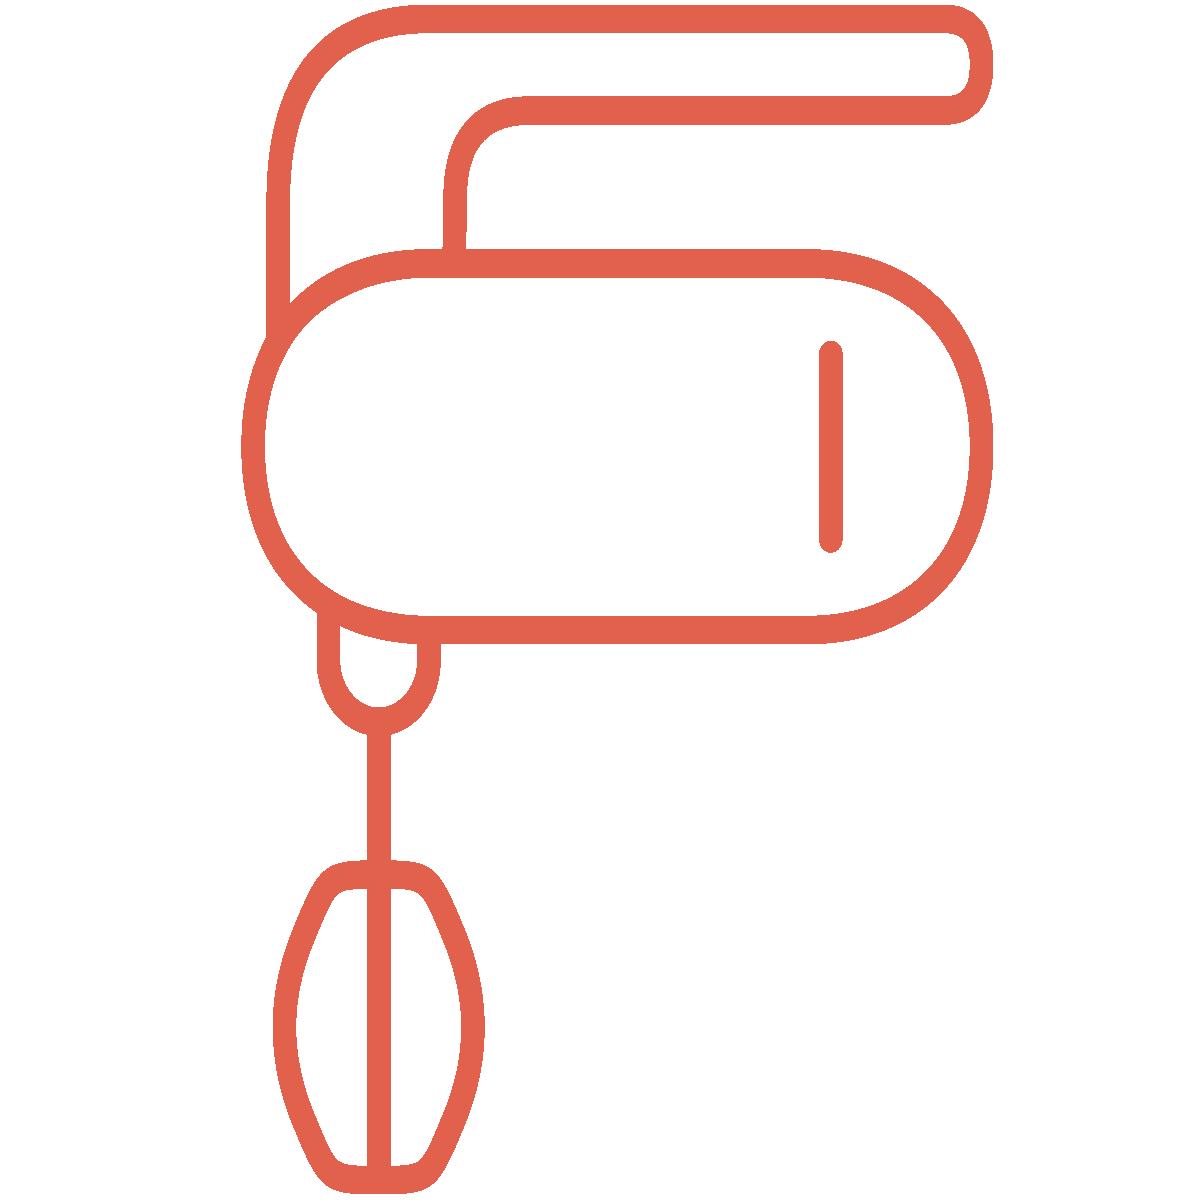 Dal set THE KITCHEN, l'icona frullatore ROSSA, creata da Wojciech Zasina [www.be.net/wzasina] e usata su www.cucinodite.it da Giorgio Giorgetti, personal chef Varese Como Milano Lombardia